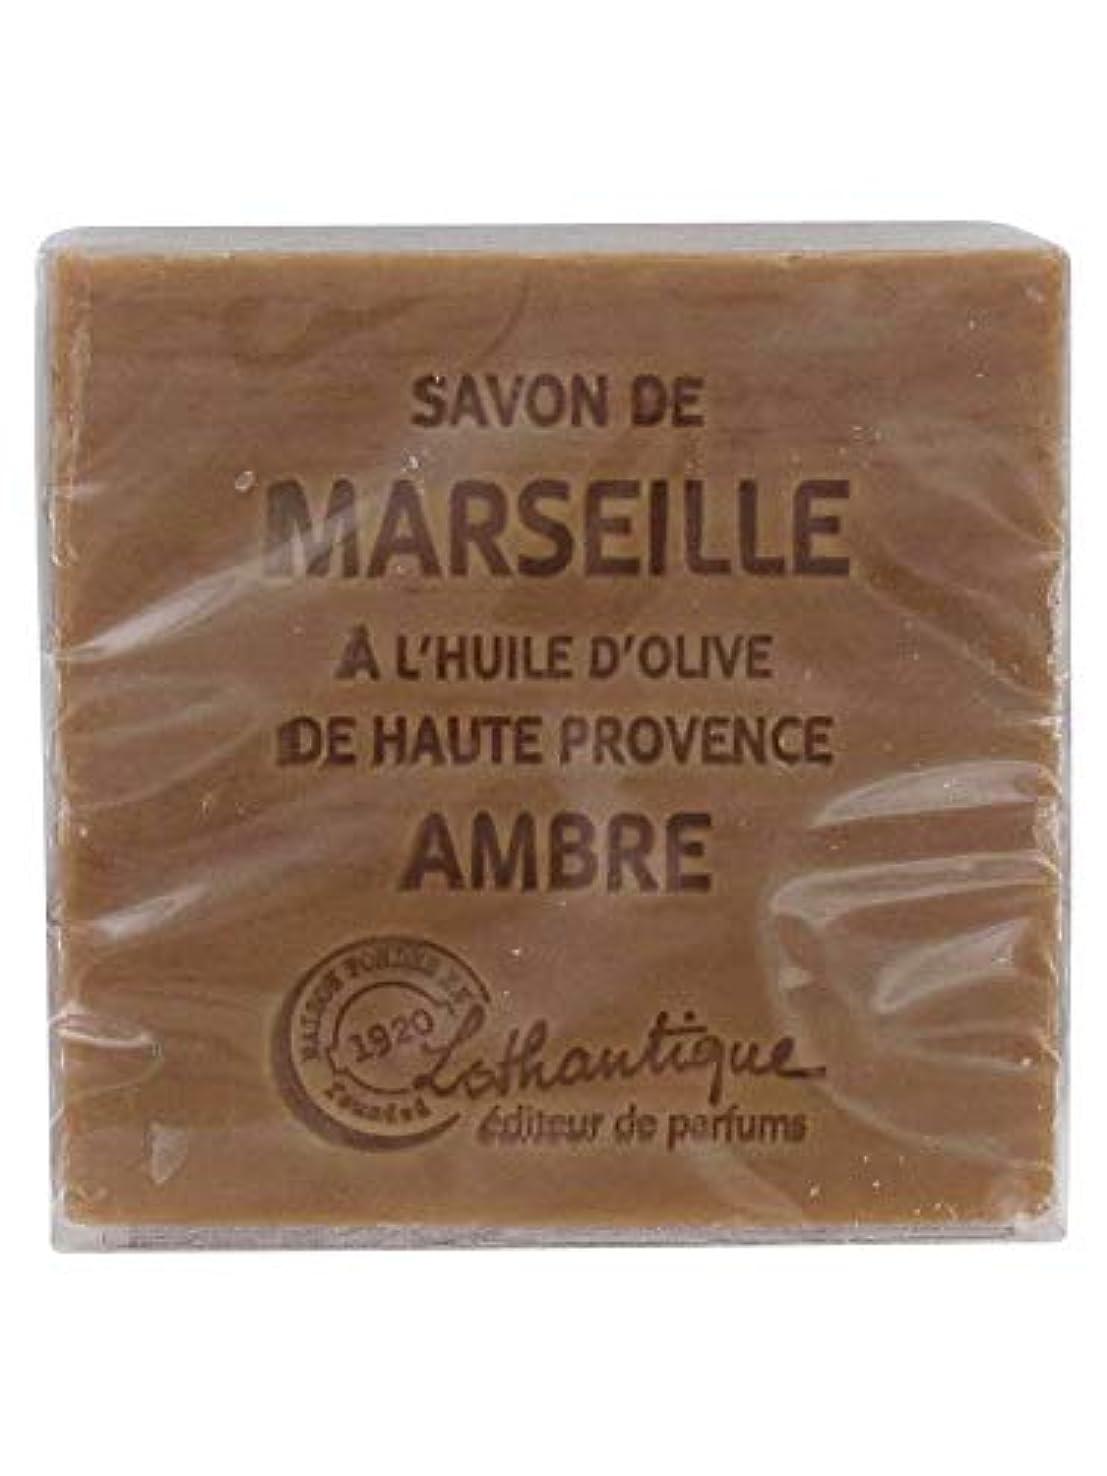 散髪運動する暴力的なLothantique(ロタンティック) Les savons de Marseille(マルセイユソープ) マルセイユソープ 100g 「アンバー」 3420070038012